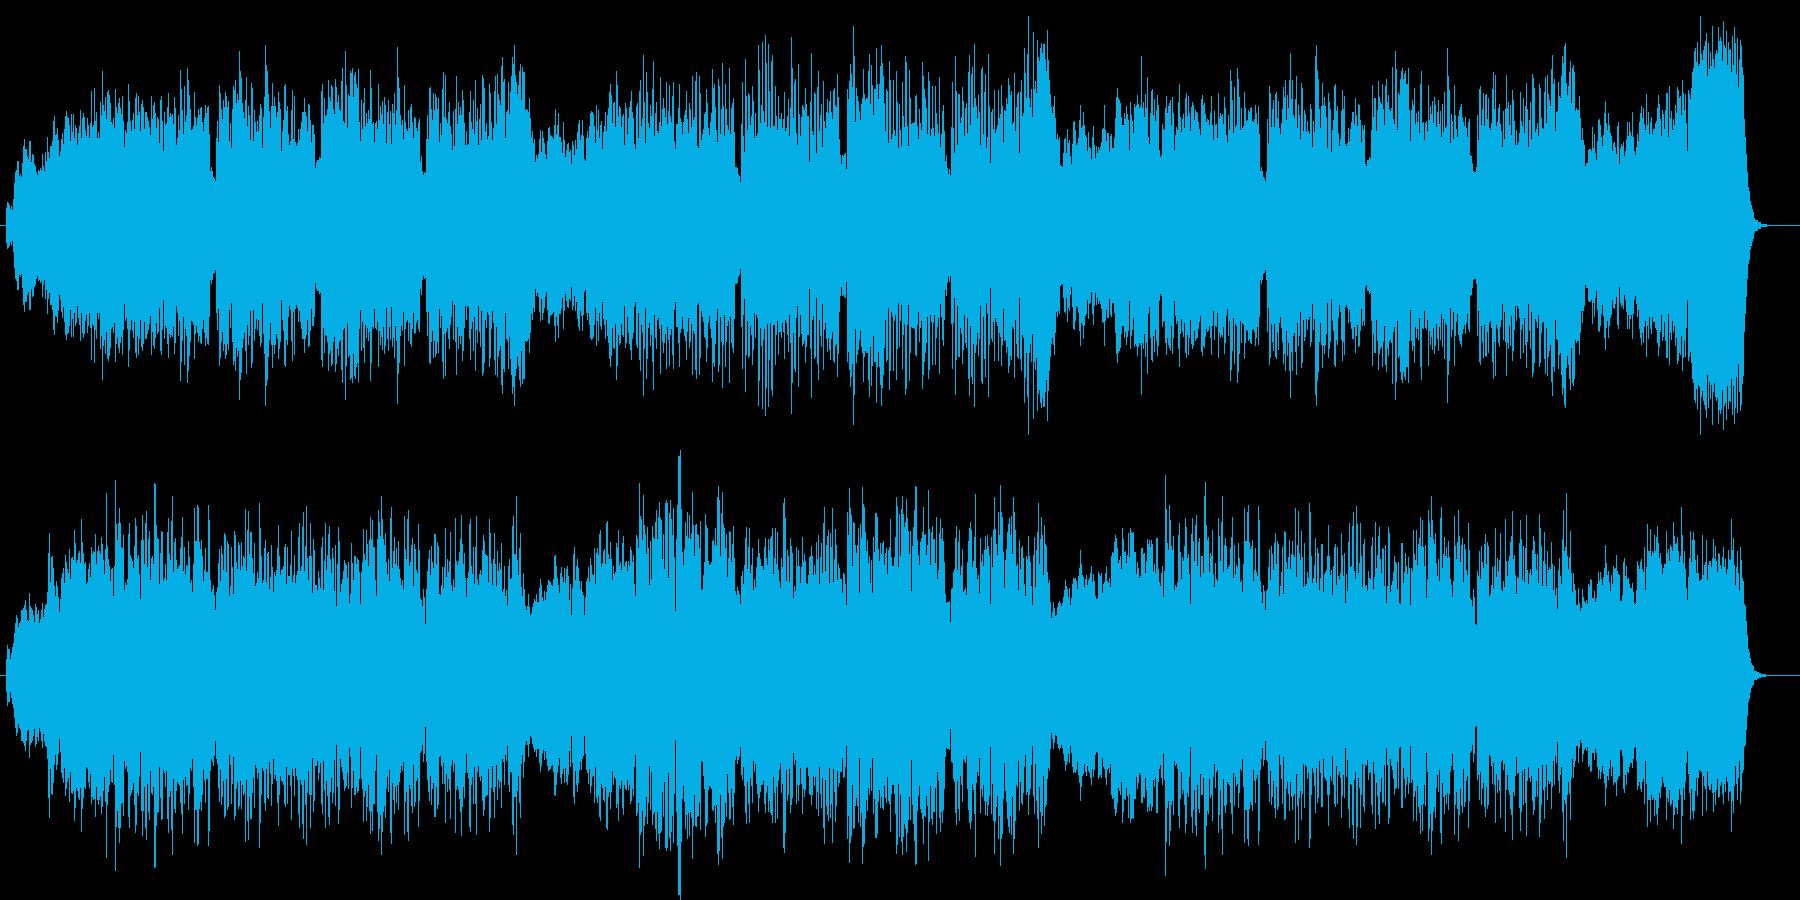 ひなまつり・木管五重奏の再生済みの波形